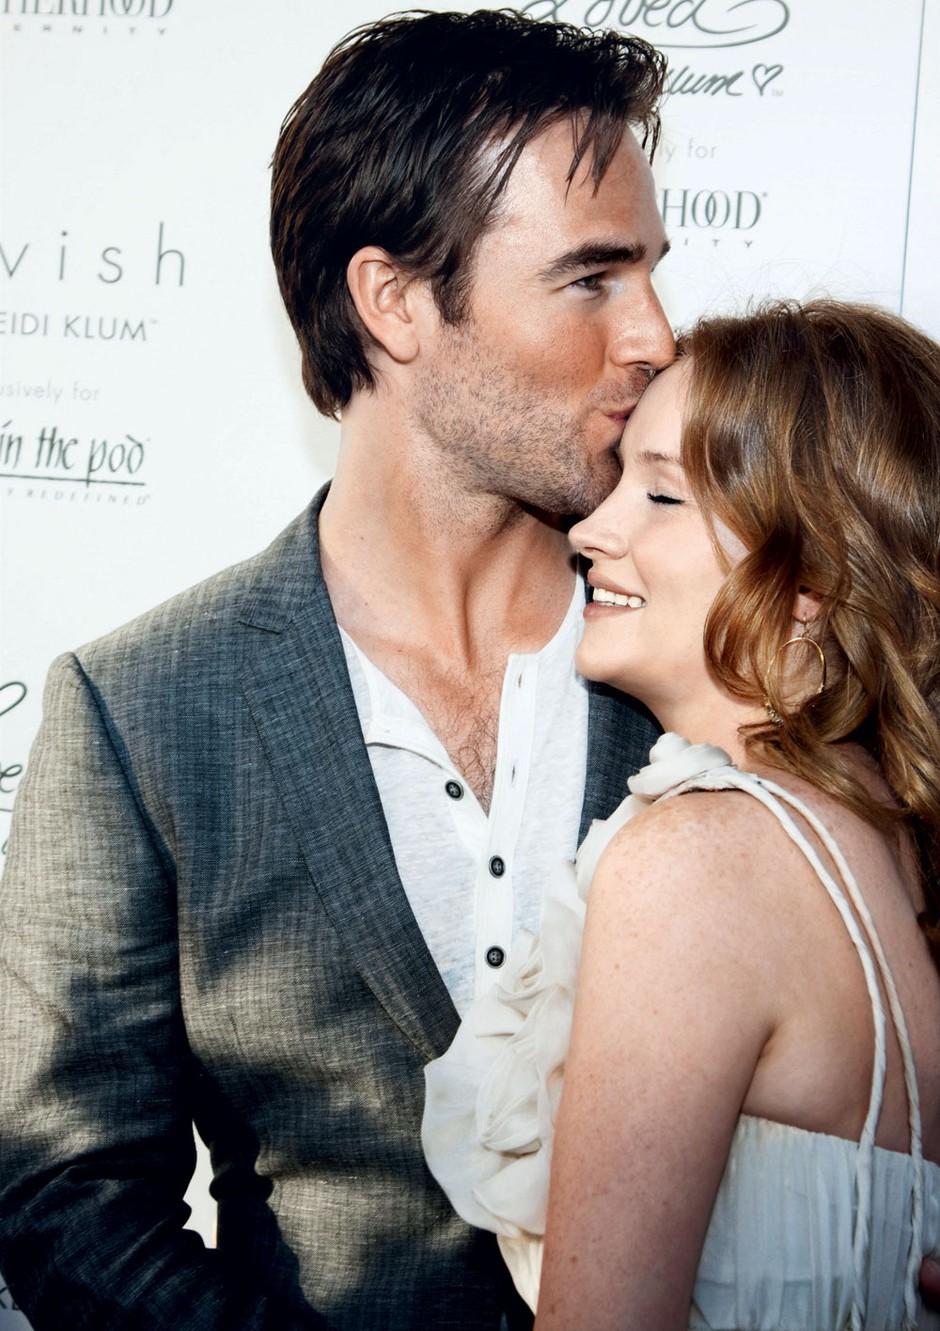 Razkrinkaj njegov poljubček